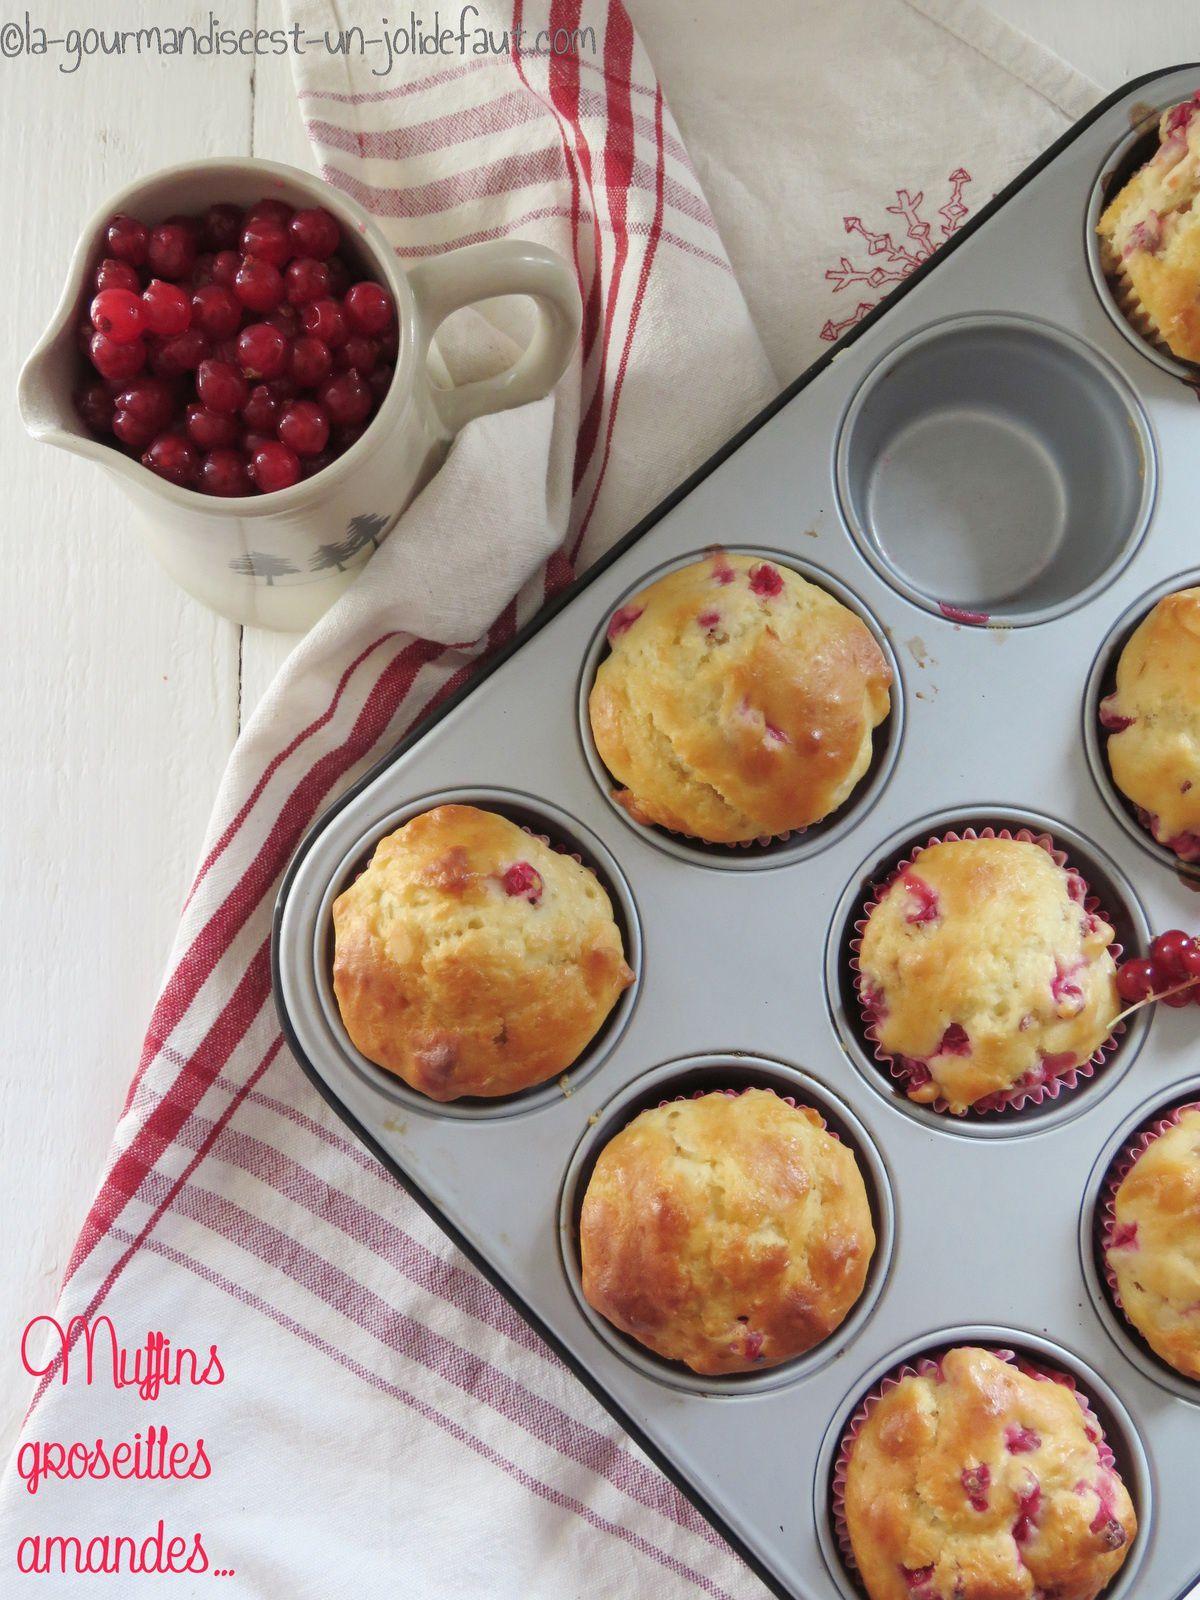 Muffins à la groseille, amande et fleur d'oranger